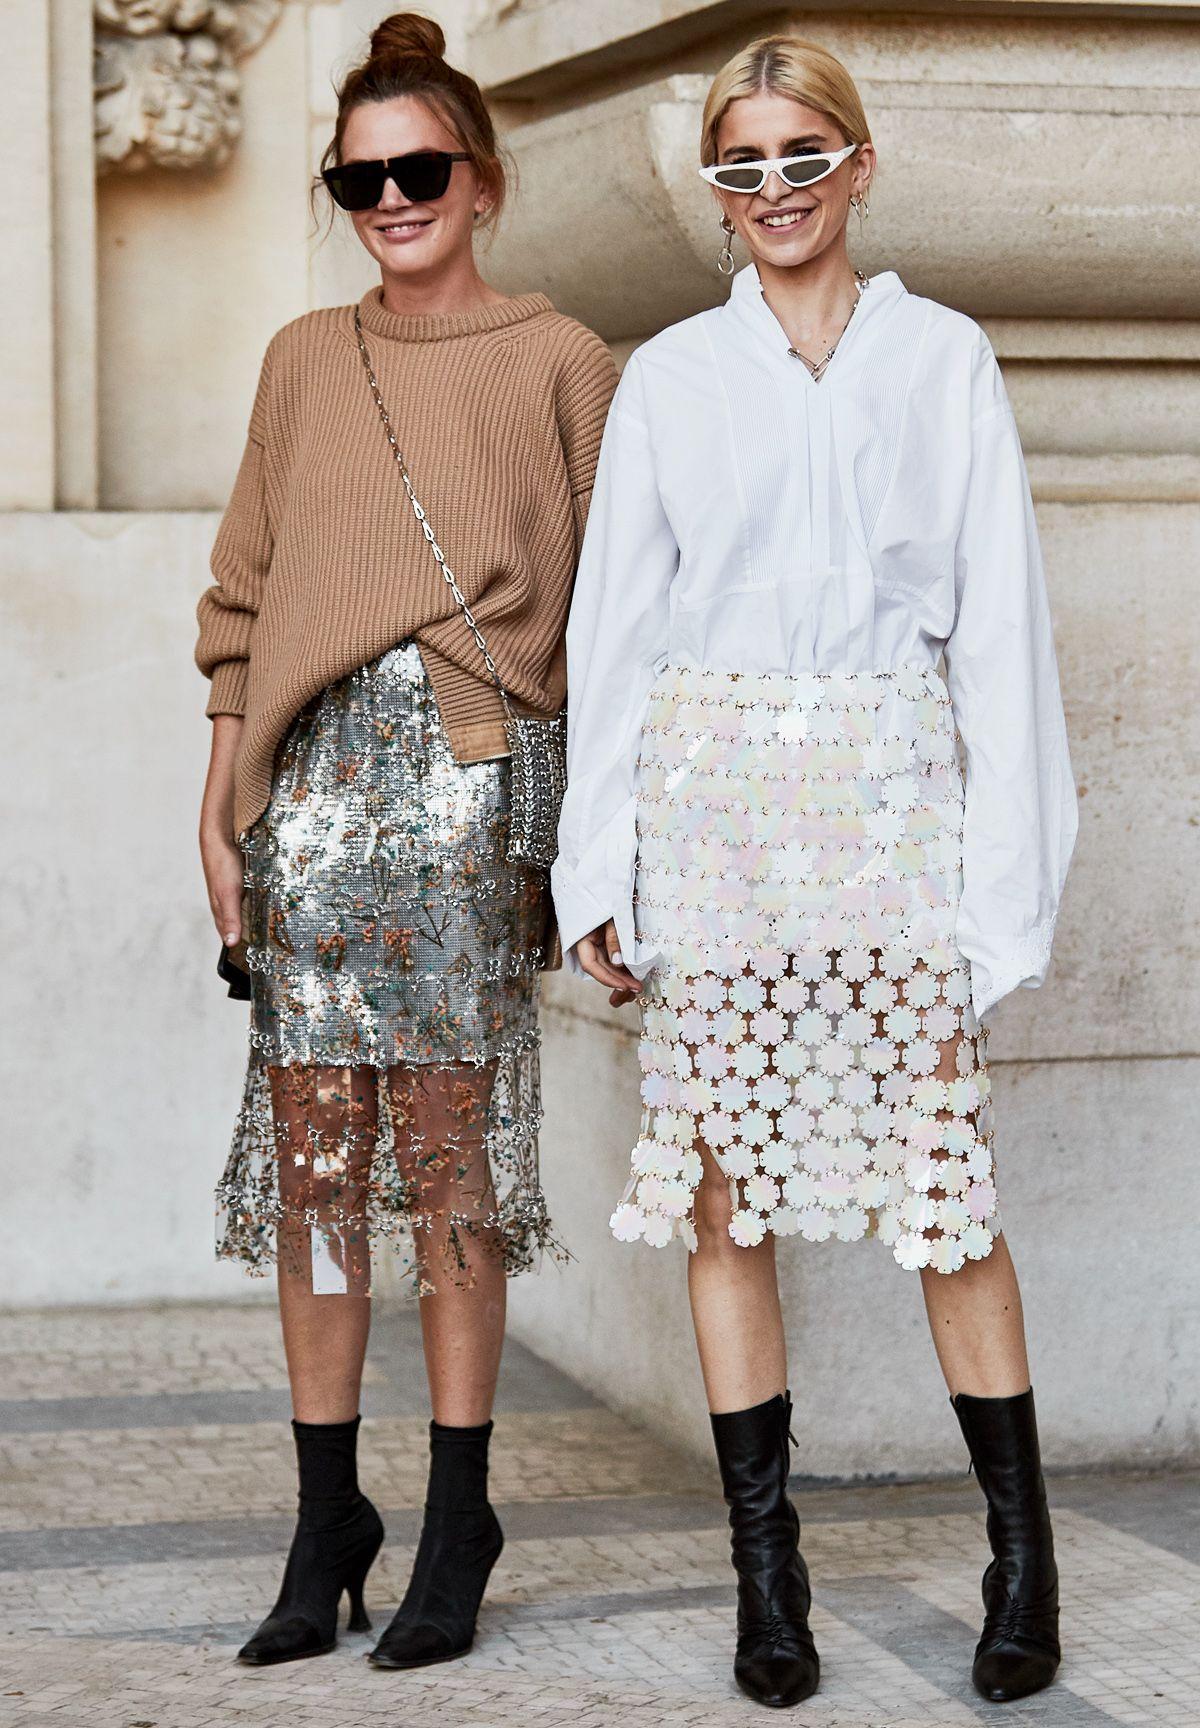 Gợi ý cho thời trang cung hoàng đạo Song Ngư với trang phục có chi tiết lấp lánh